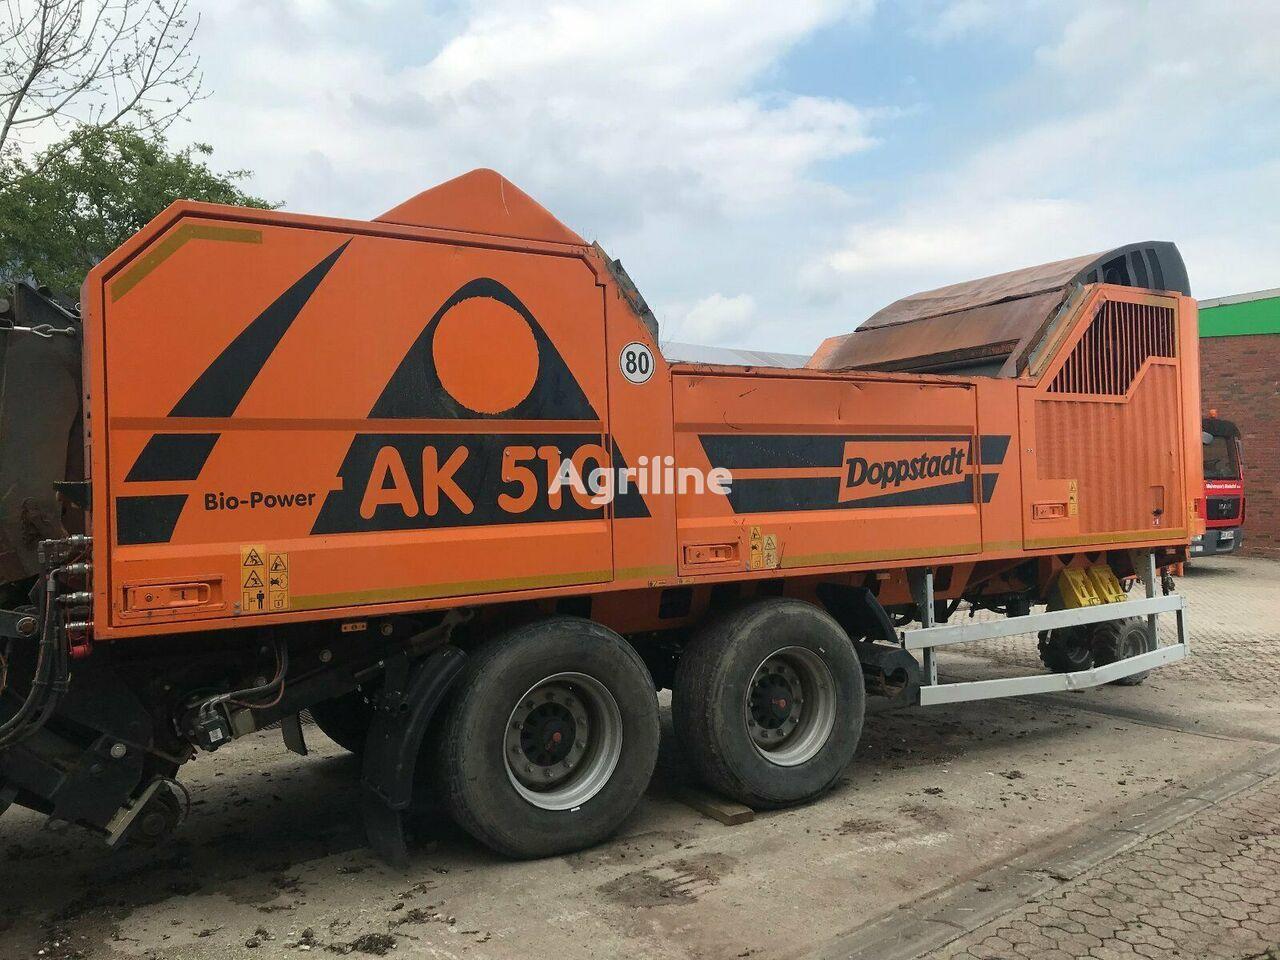 Doppstadt AK 510 biotrituradora